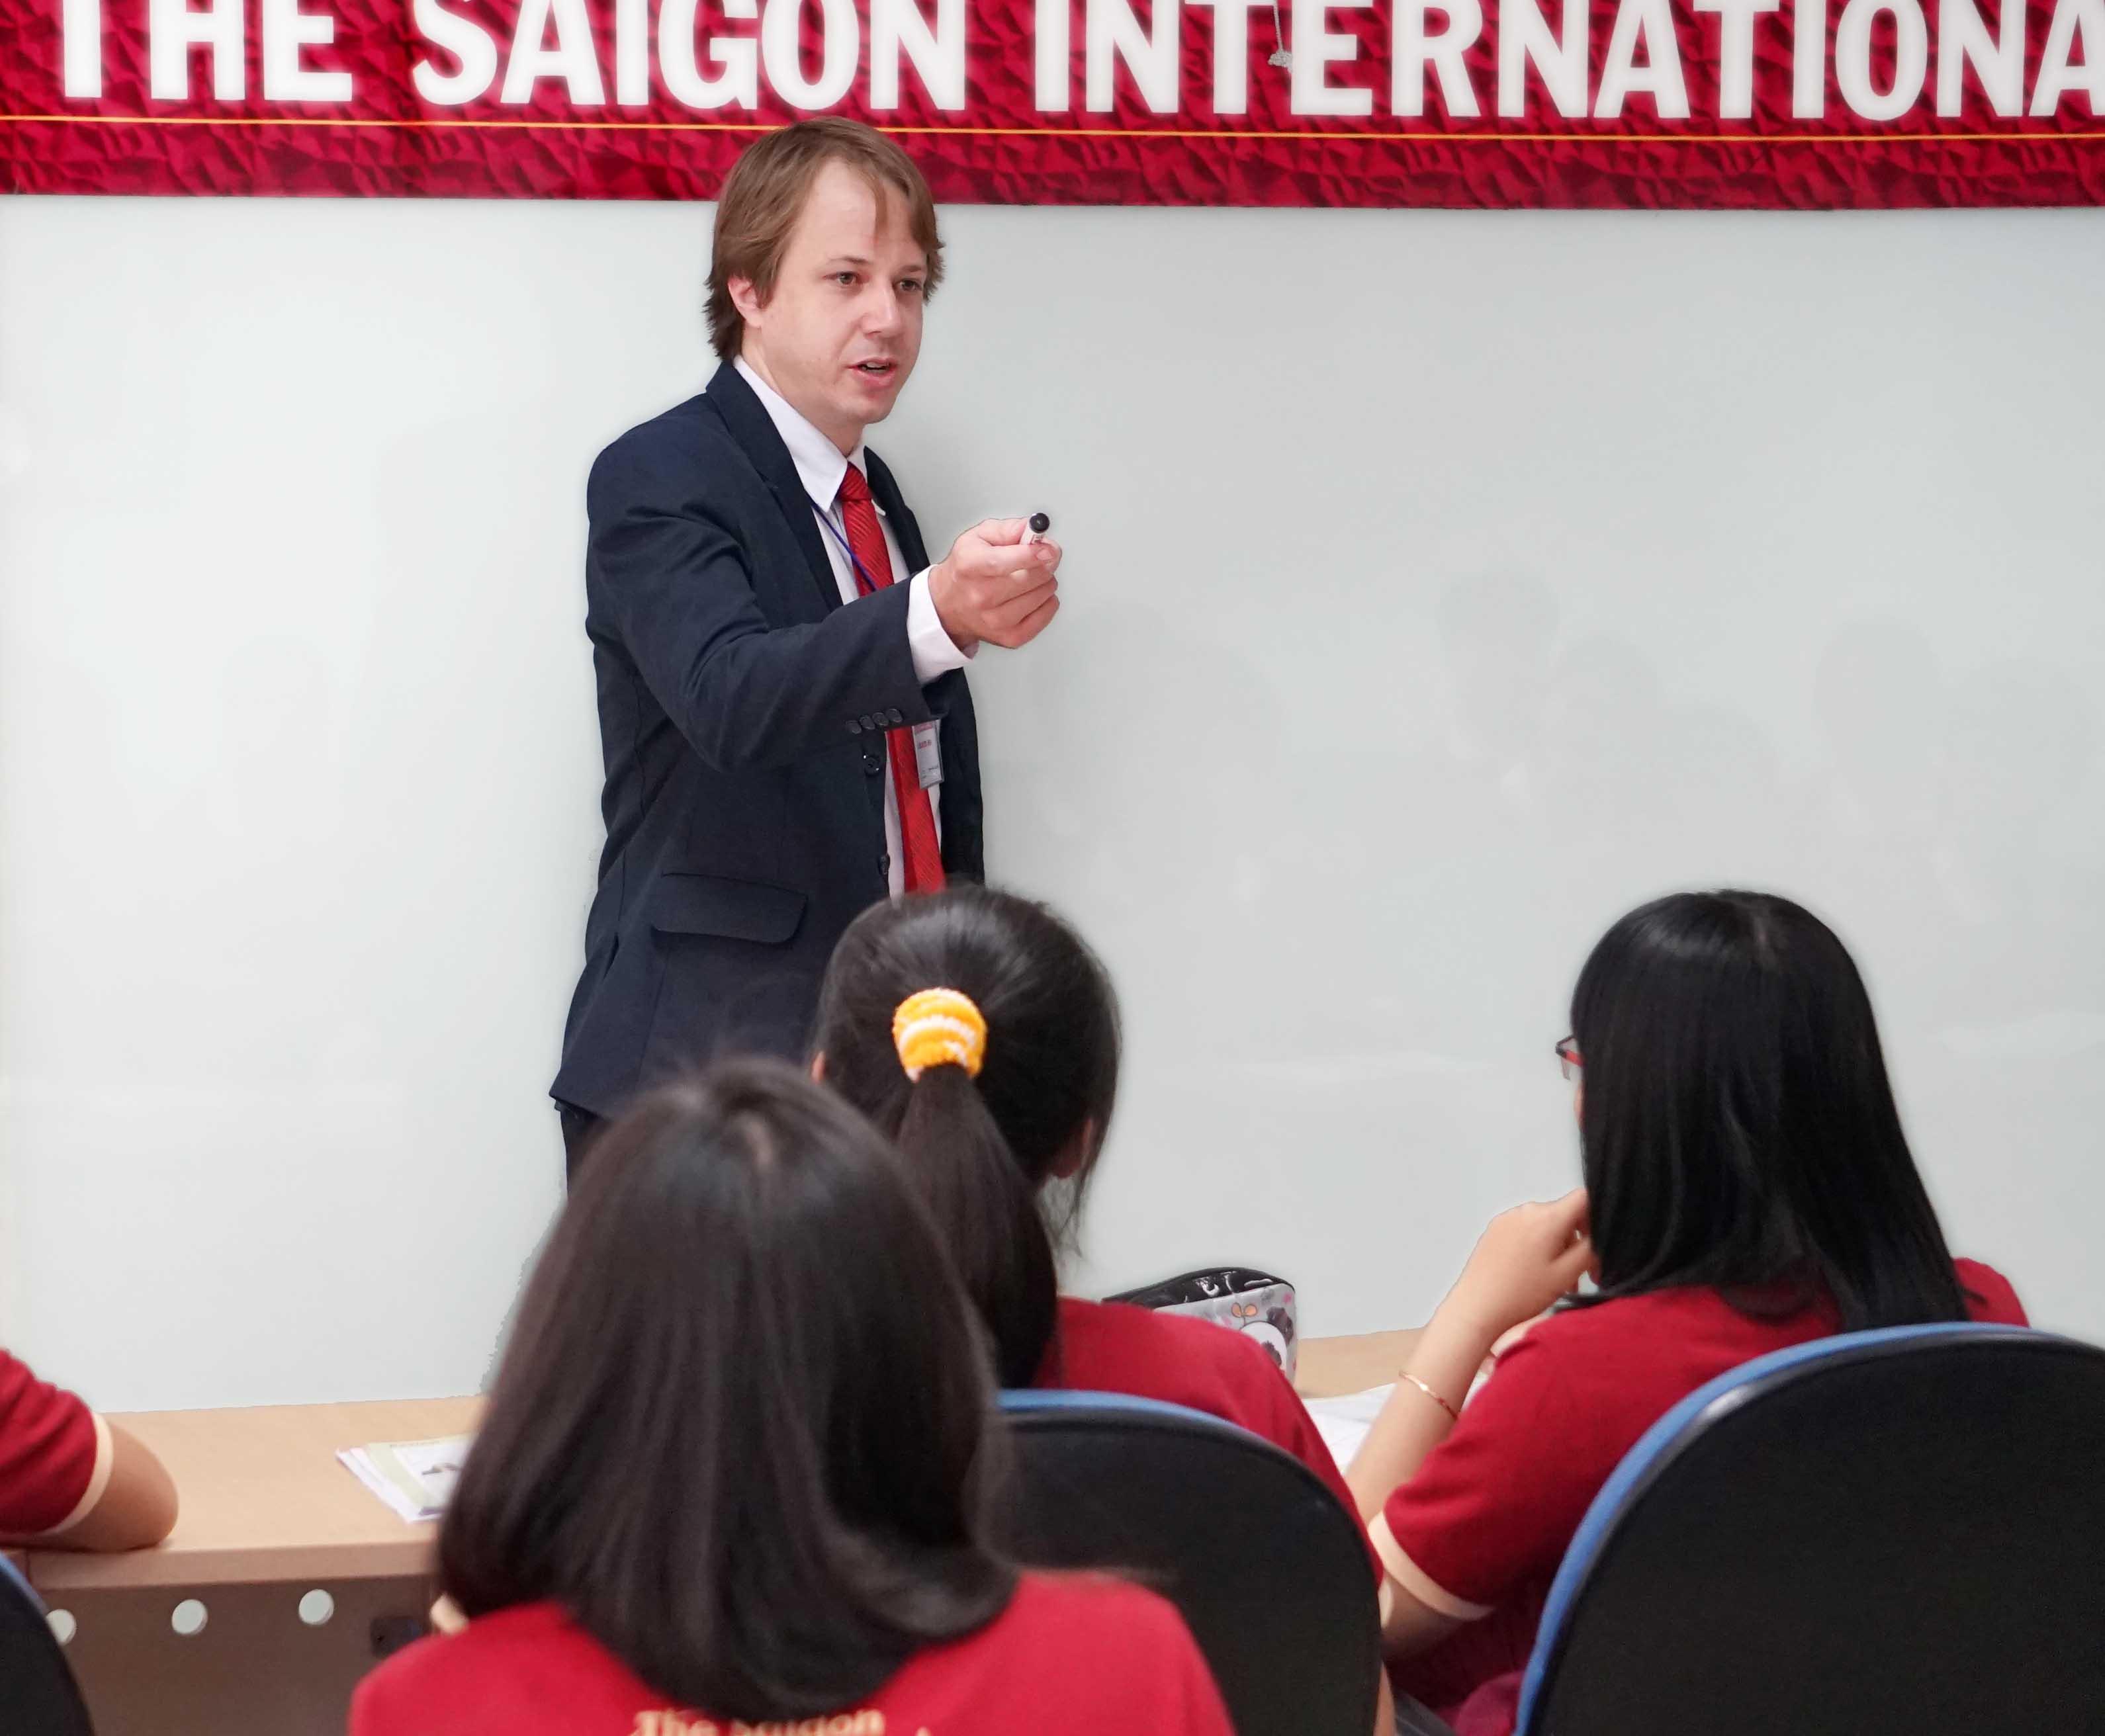 Nâng tầm tư duy lãnh đạo với học bổng MBA trên 1 tỷ đồng từ SIU - Ảnh 2.